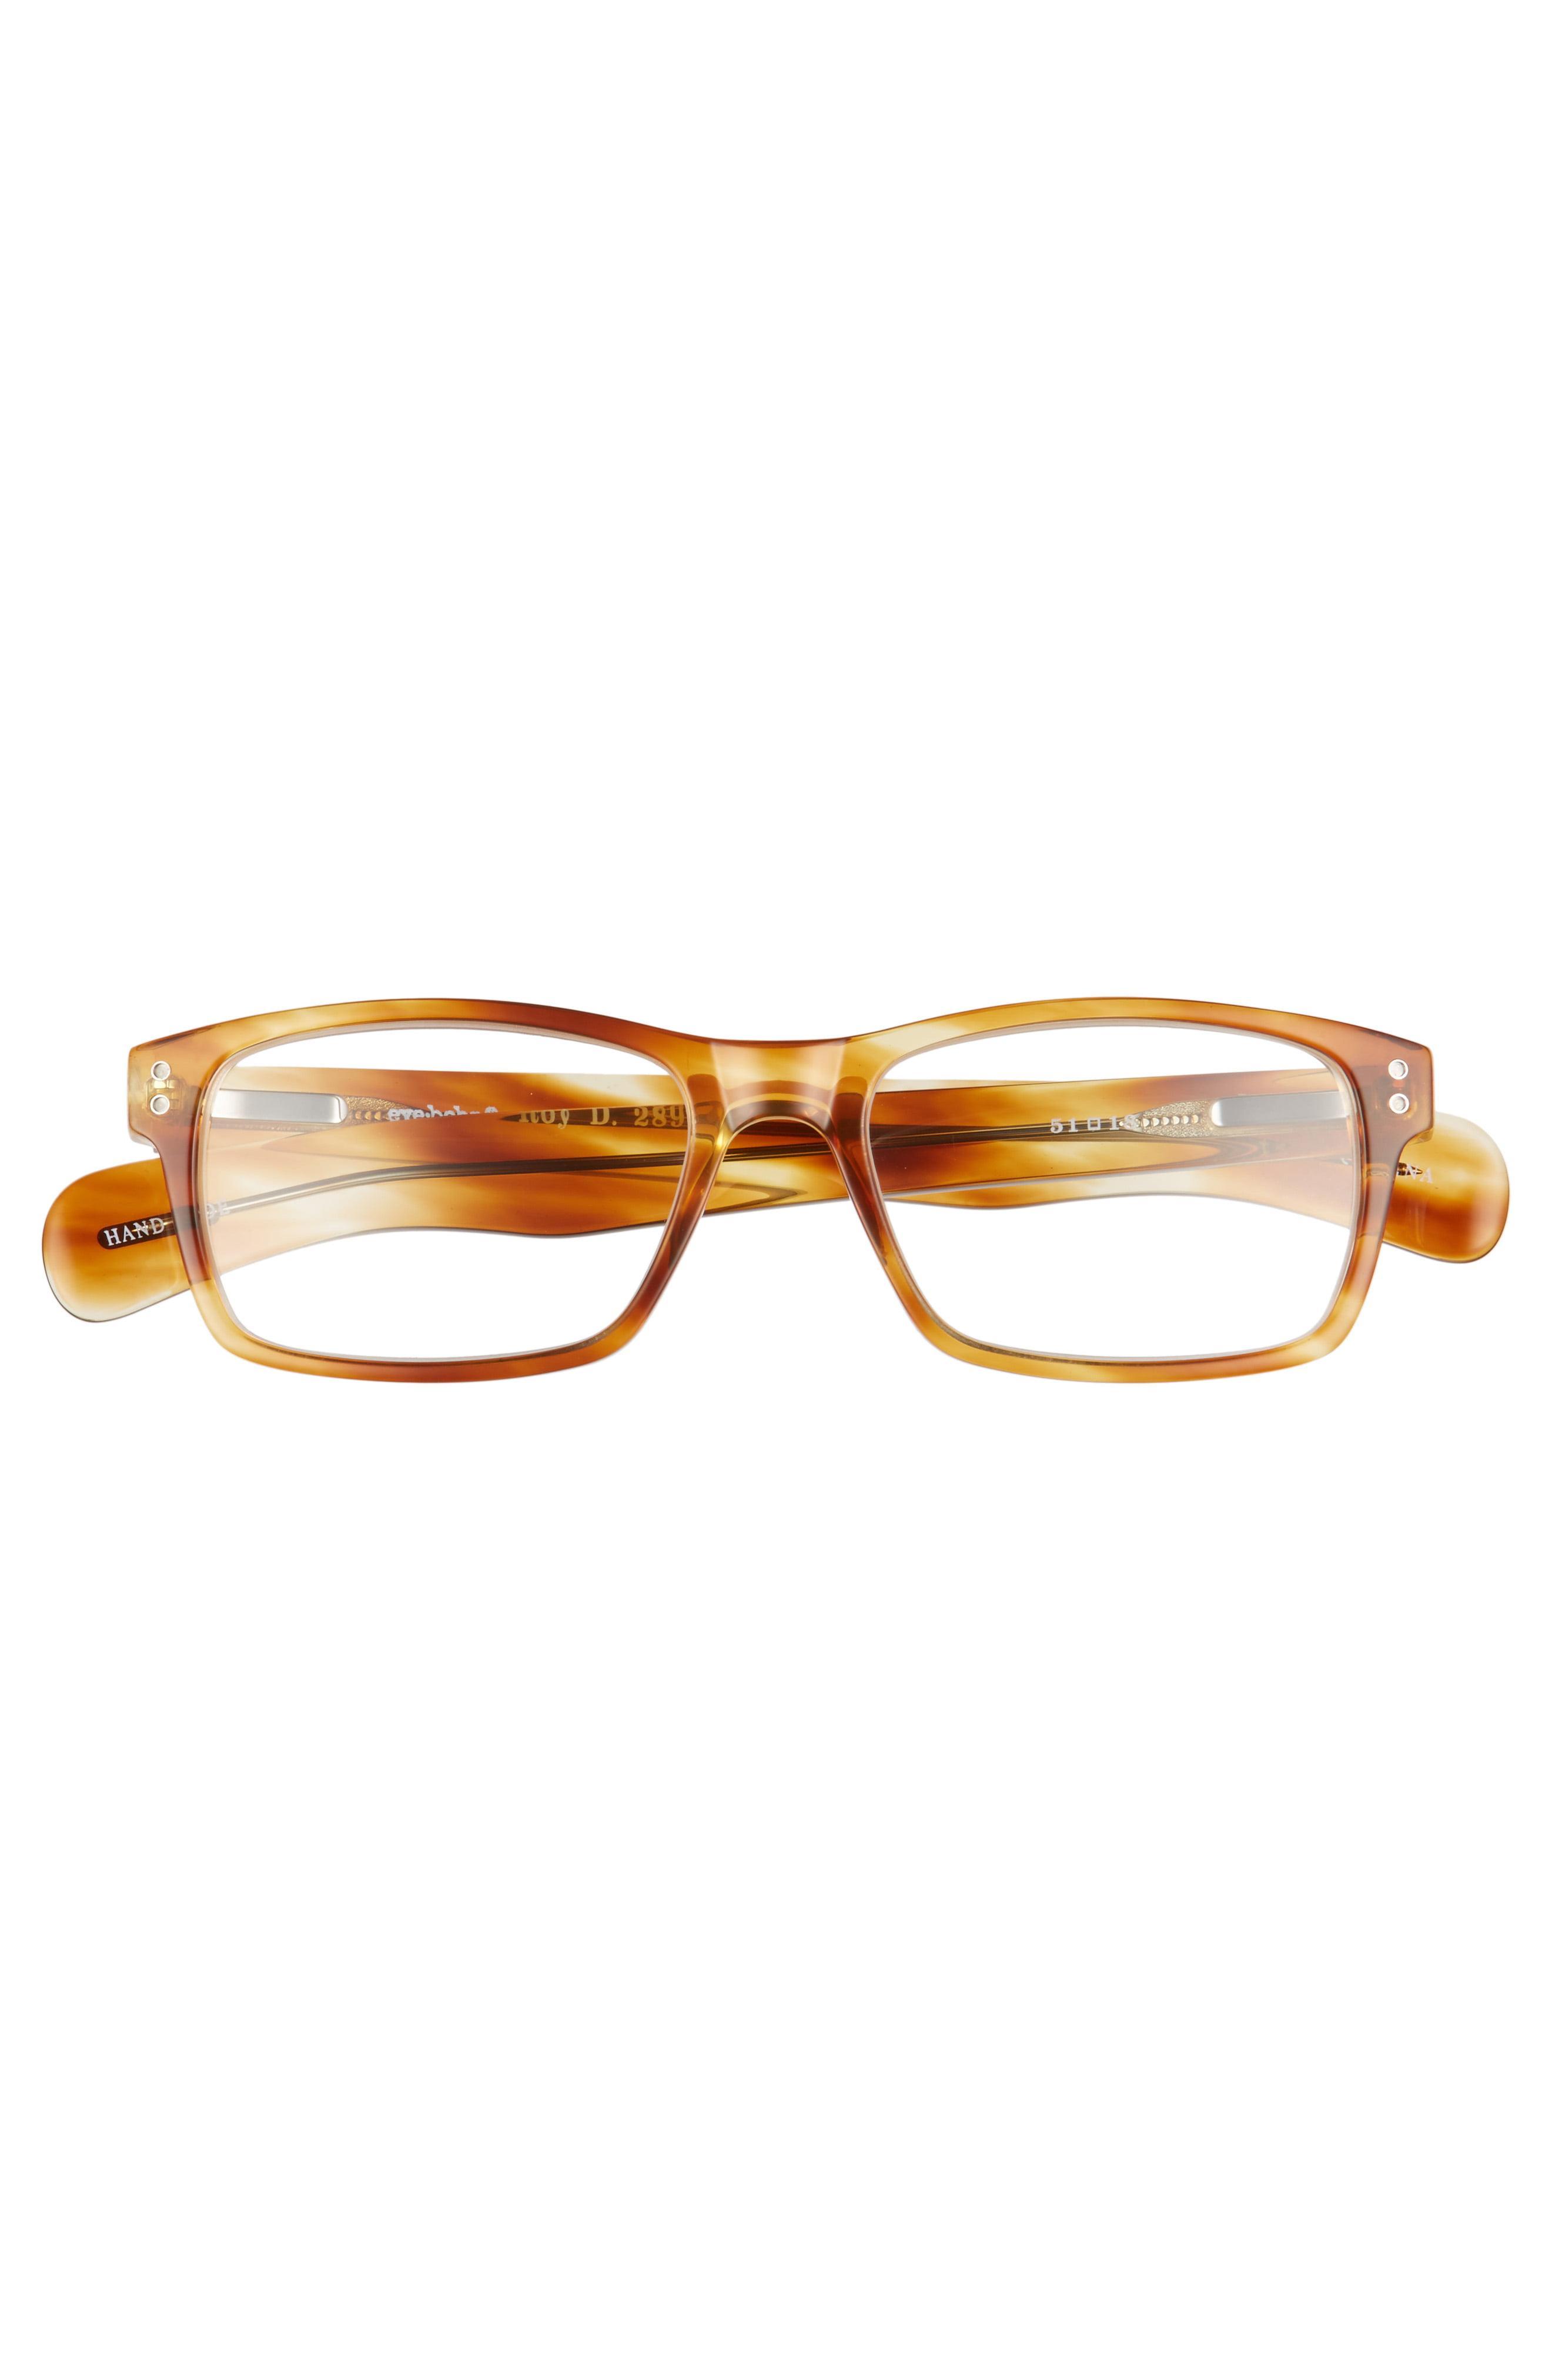 8cbcdbf5216c Lyst - Eyebobs Roy D 51mm Reading Glasses - Light Tortoise in Brown